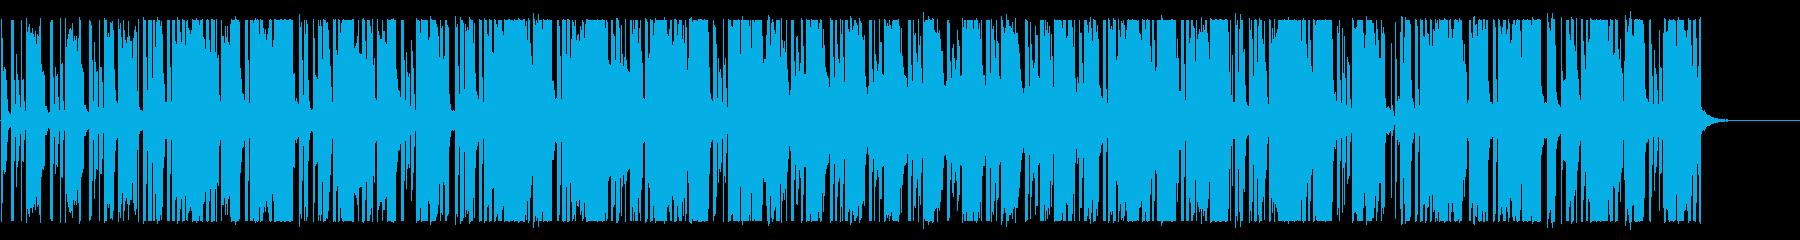 のんびり・昼寝・動物・VLOG♪の再生済みの波形